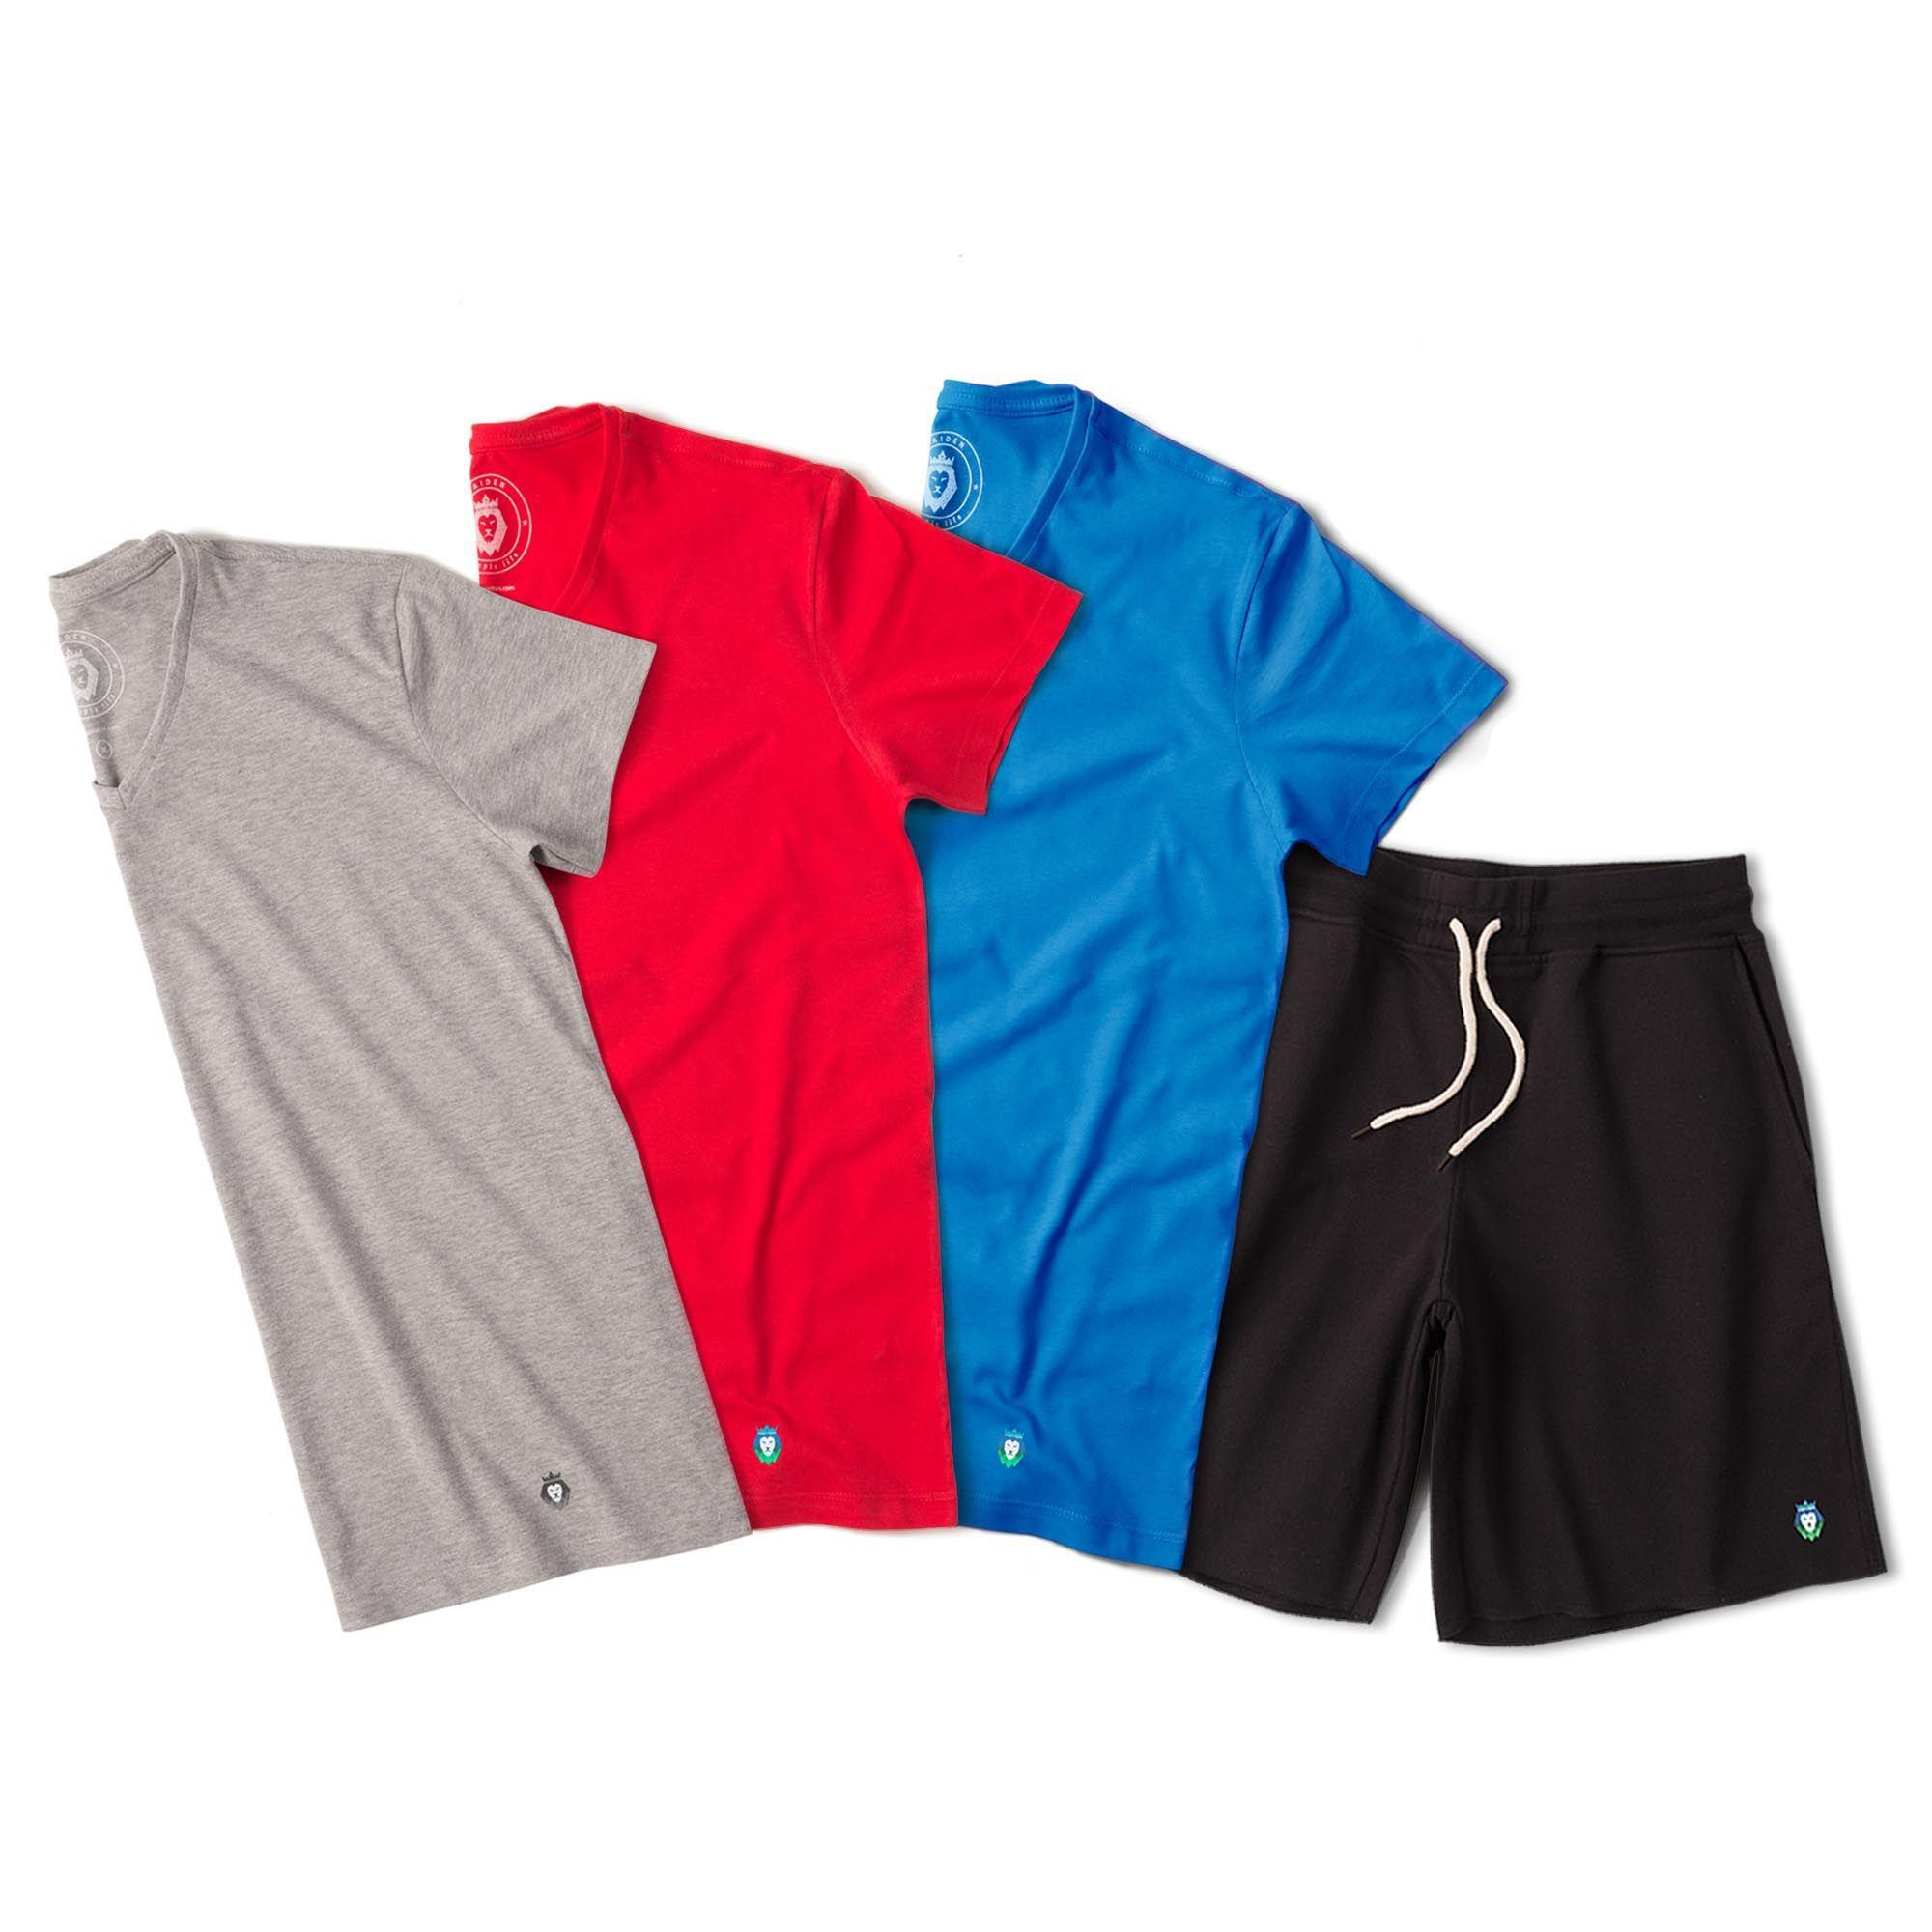 Kit 1 Bermuda Basic Preta + 3 T-Shirts Basic Royal Bordô Mescla Zaiden Masculina